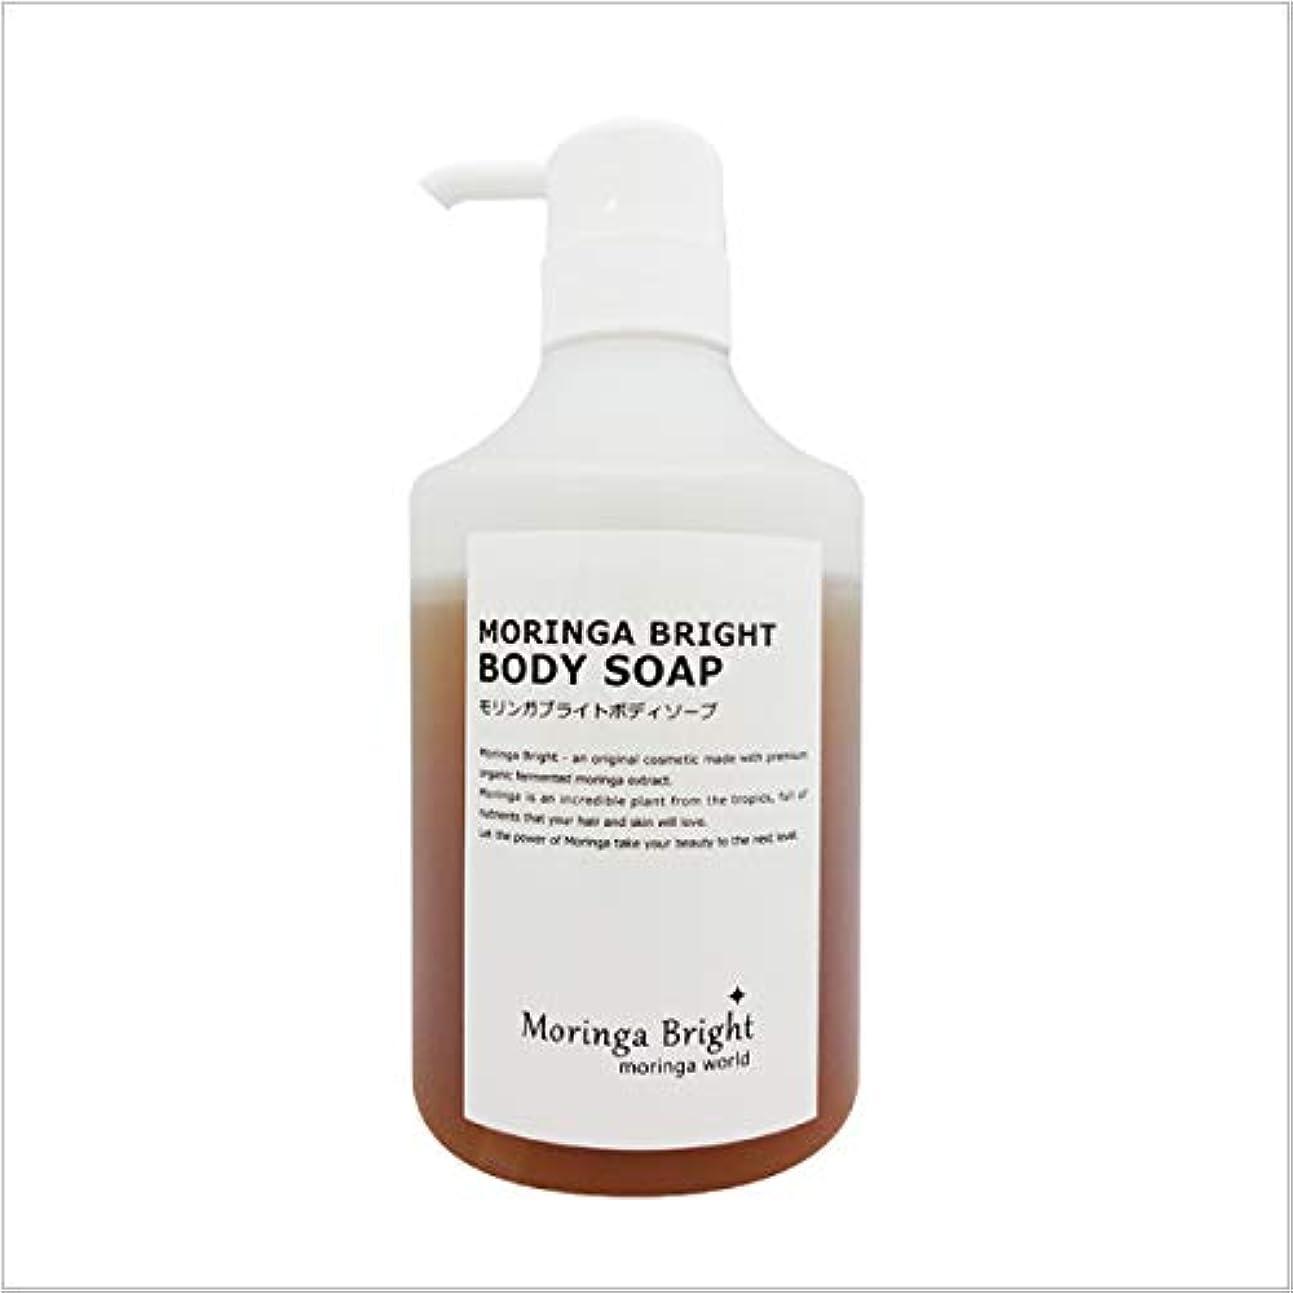 行うお茶振るうモリンガブライトボディソープ450ml 最上級の無添加ボディ&洗顔ソープ 国内初の保湿美容成分『発酵モリンガエキス』配合